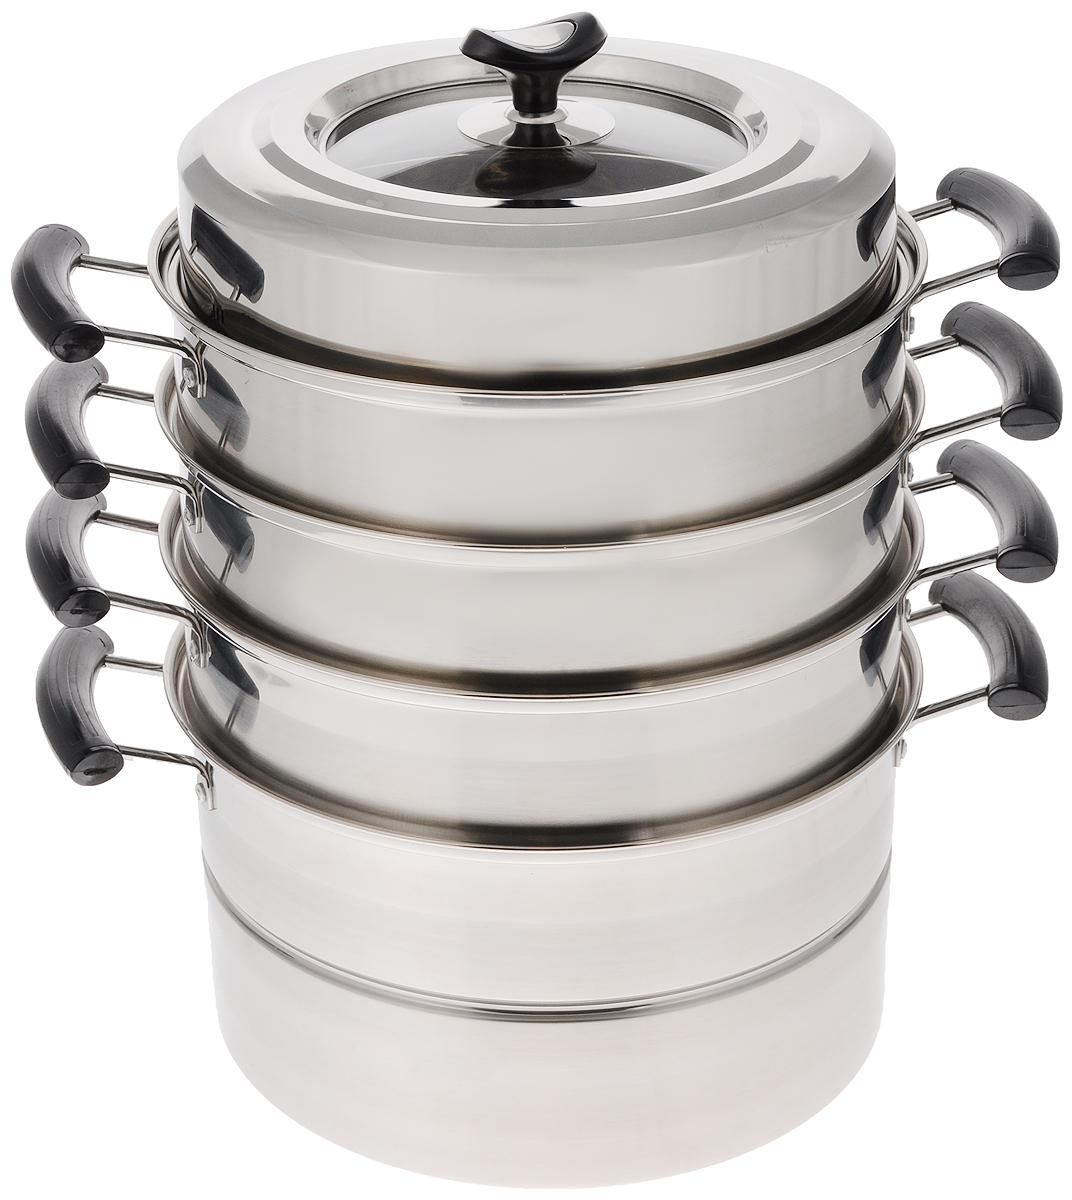 """Мантоварка """"Mayer & Boch"""" изготовлена из высококачественной нержавеющей стали (201), что делает посуду  износостойкой, прочной и практичной. Комбинация зеркальной и матовой полировки придает изделию особо  эстетичный внешний вид. Мантоварка имеет 4 уровня: кастрюлю для бульона и 3 съемные секции с отверстиями.   Изделие снабжено эргономичными бакелитовыми ручками, которые не нагреваются в процессе приготовления  пищи и обеспечивают комфортное использование. Крышка, выполненная из нержавеющей стали и жаропрочного  стекла, оснащена удобной ручкой и небольшими отверстиями для выпуска пара. Глубина изделия, диаметр отверстий, объем специально предназначены для приготовления мантов. В  мантоварке также можно готовить и другие блюда: овощи, котлеты или пельмени. Готовить на пару очень просто,  продукты не пригорают и не склеиваются, а готовое блюдо выходит рассыпчатым и ароматным. Питательные  элементы и витамины не растворяются в воде, а остаются в продуктах. Еда получается не только полезной, но и  по-настоящему вкусной.  Благодаря многоуровневой конструкции, в такой мантоварке можно приготовить сразу до четырех различных  блюд.  Подходит для газовых, электрических и стеклокерамических плит.  Внутренний диаметр кастрюли (по верхнему краю): 28 см.  Диаметр отверстий секции мантоварки: 6 мм.  Высота стенки кастрюли: 16 см.  Высота стенки секции: 9 см.  Ширина кастрюли (с учетом ручек): 39,5 см.  Общая высота мантоварки (с учетом крышки): 43 см.  Общая высота мантоварки (без учета крышки): 34 см."""